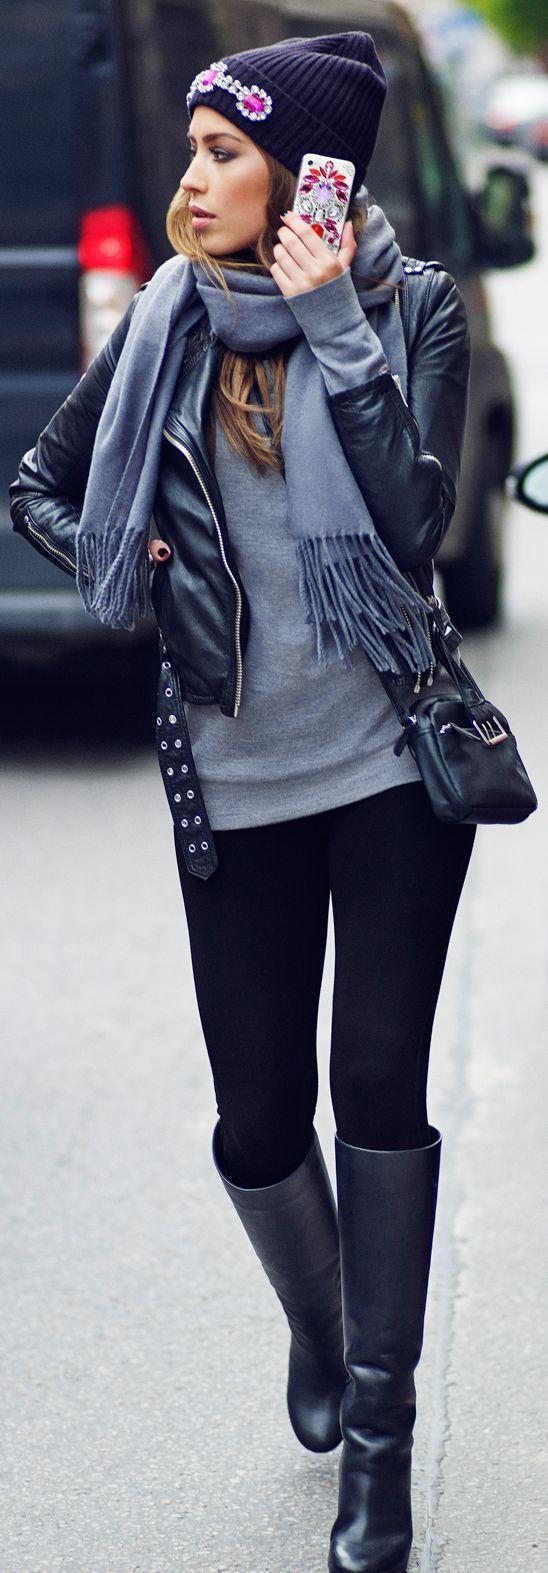 0978828423 ... Botas de Caña Alta de Cuero Negras — Chaqueta Motera de Cuero Negra.  Comprar ropa de este look  https   lookastic.es moda-